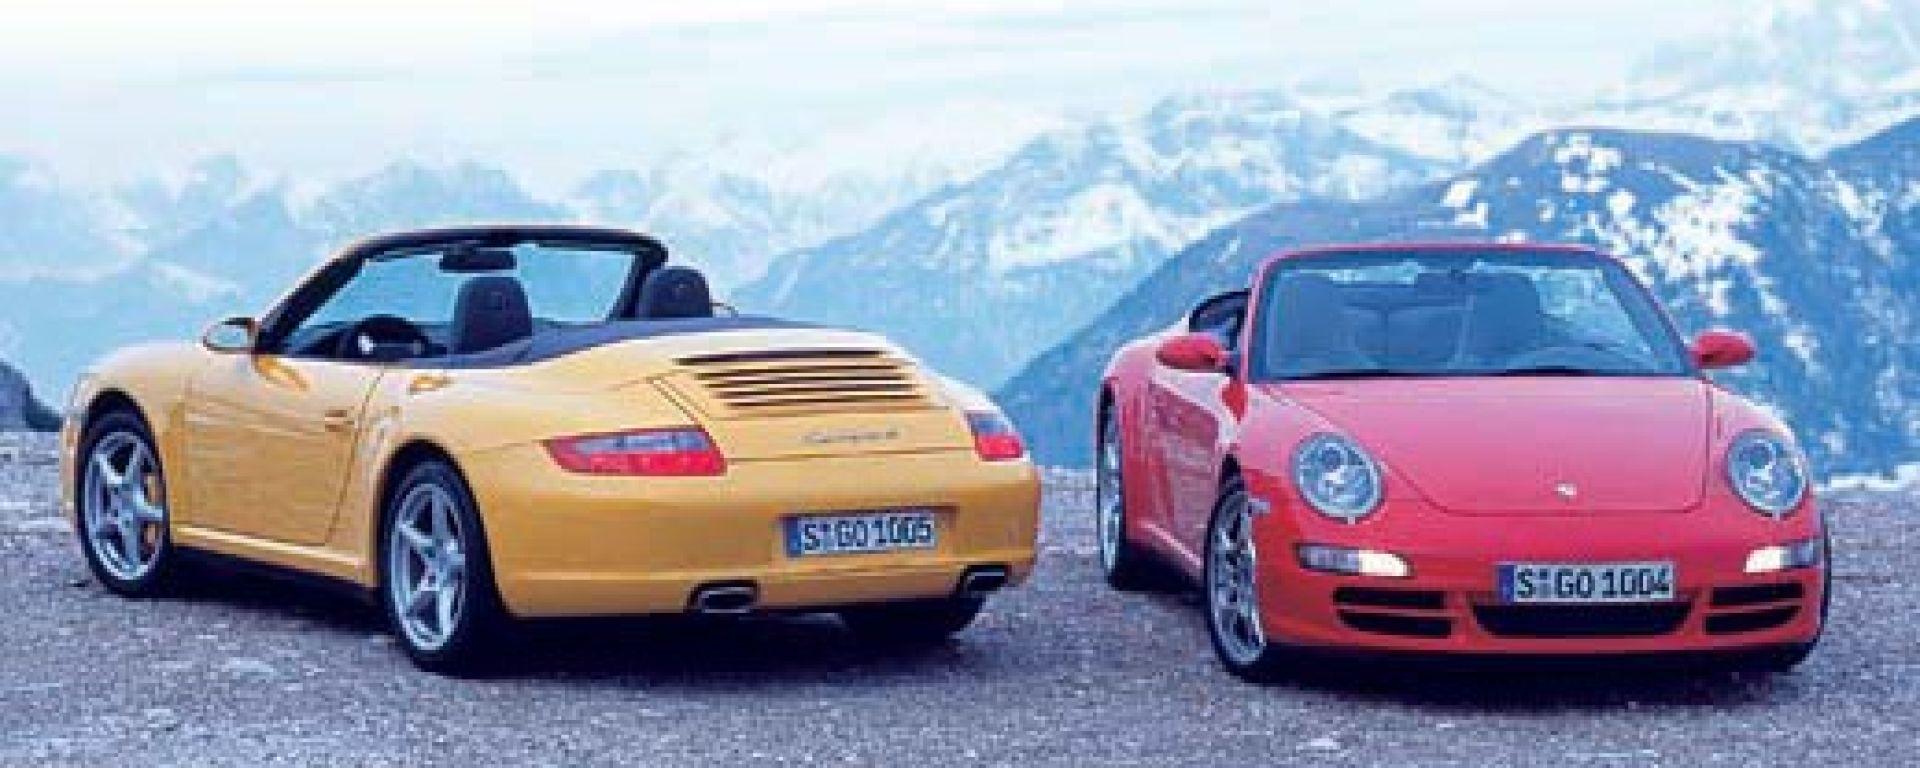 Porsche Carrera 4 e 4S Cabrio